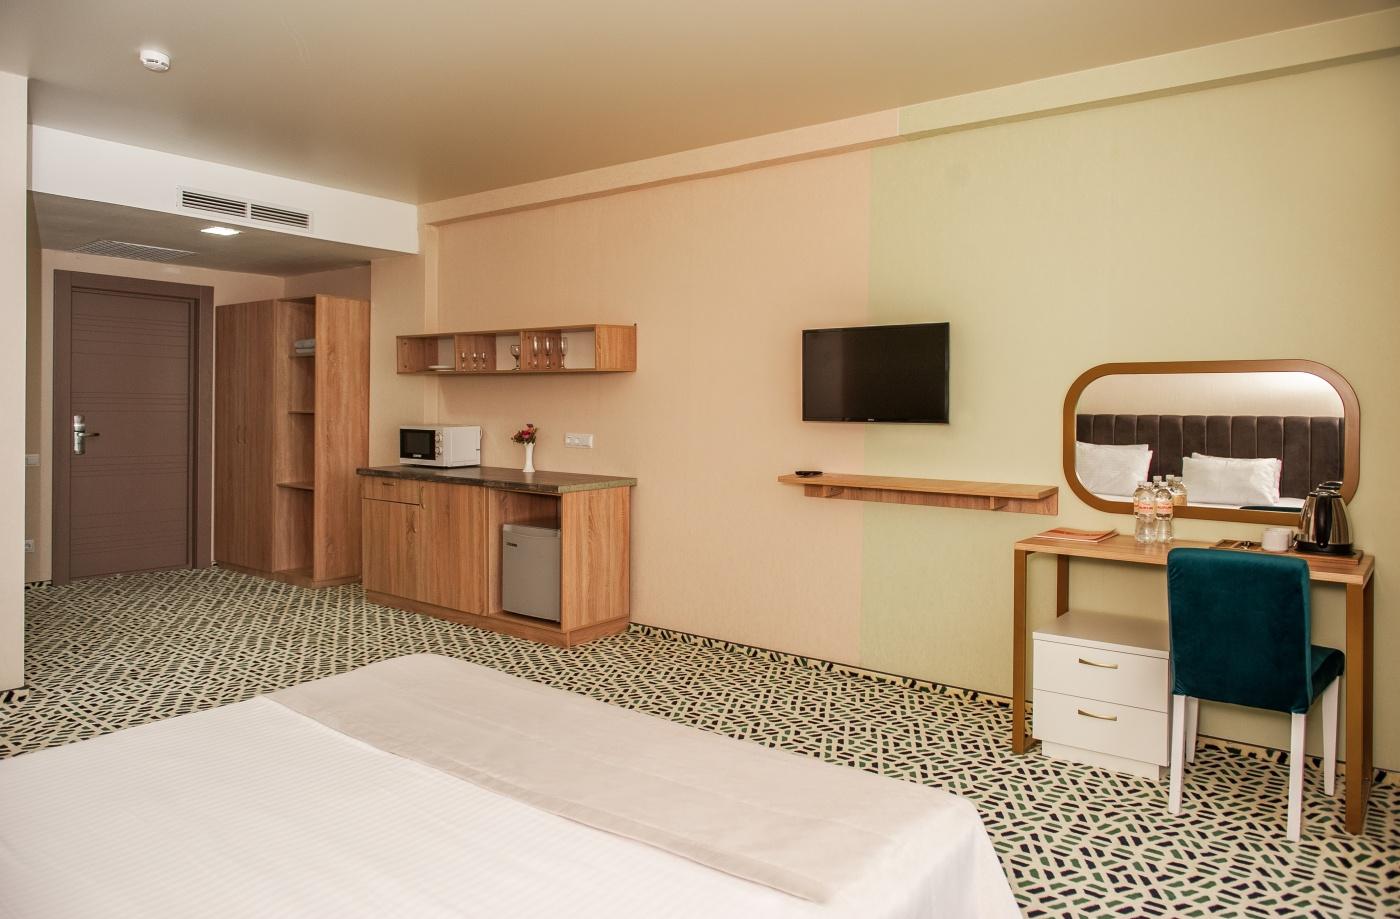 Отель «Aurum Family Resort & Spa» Краснодарский край Junior suite 2-местный , фото 8